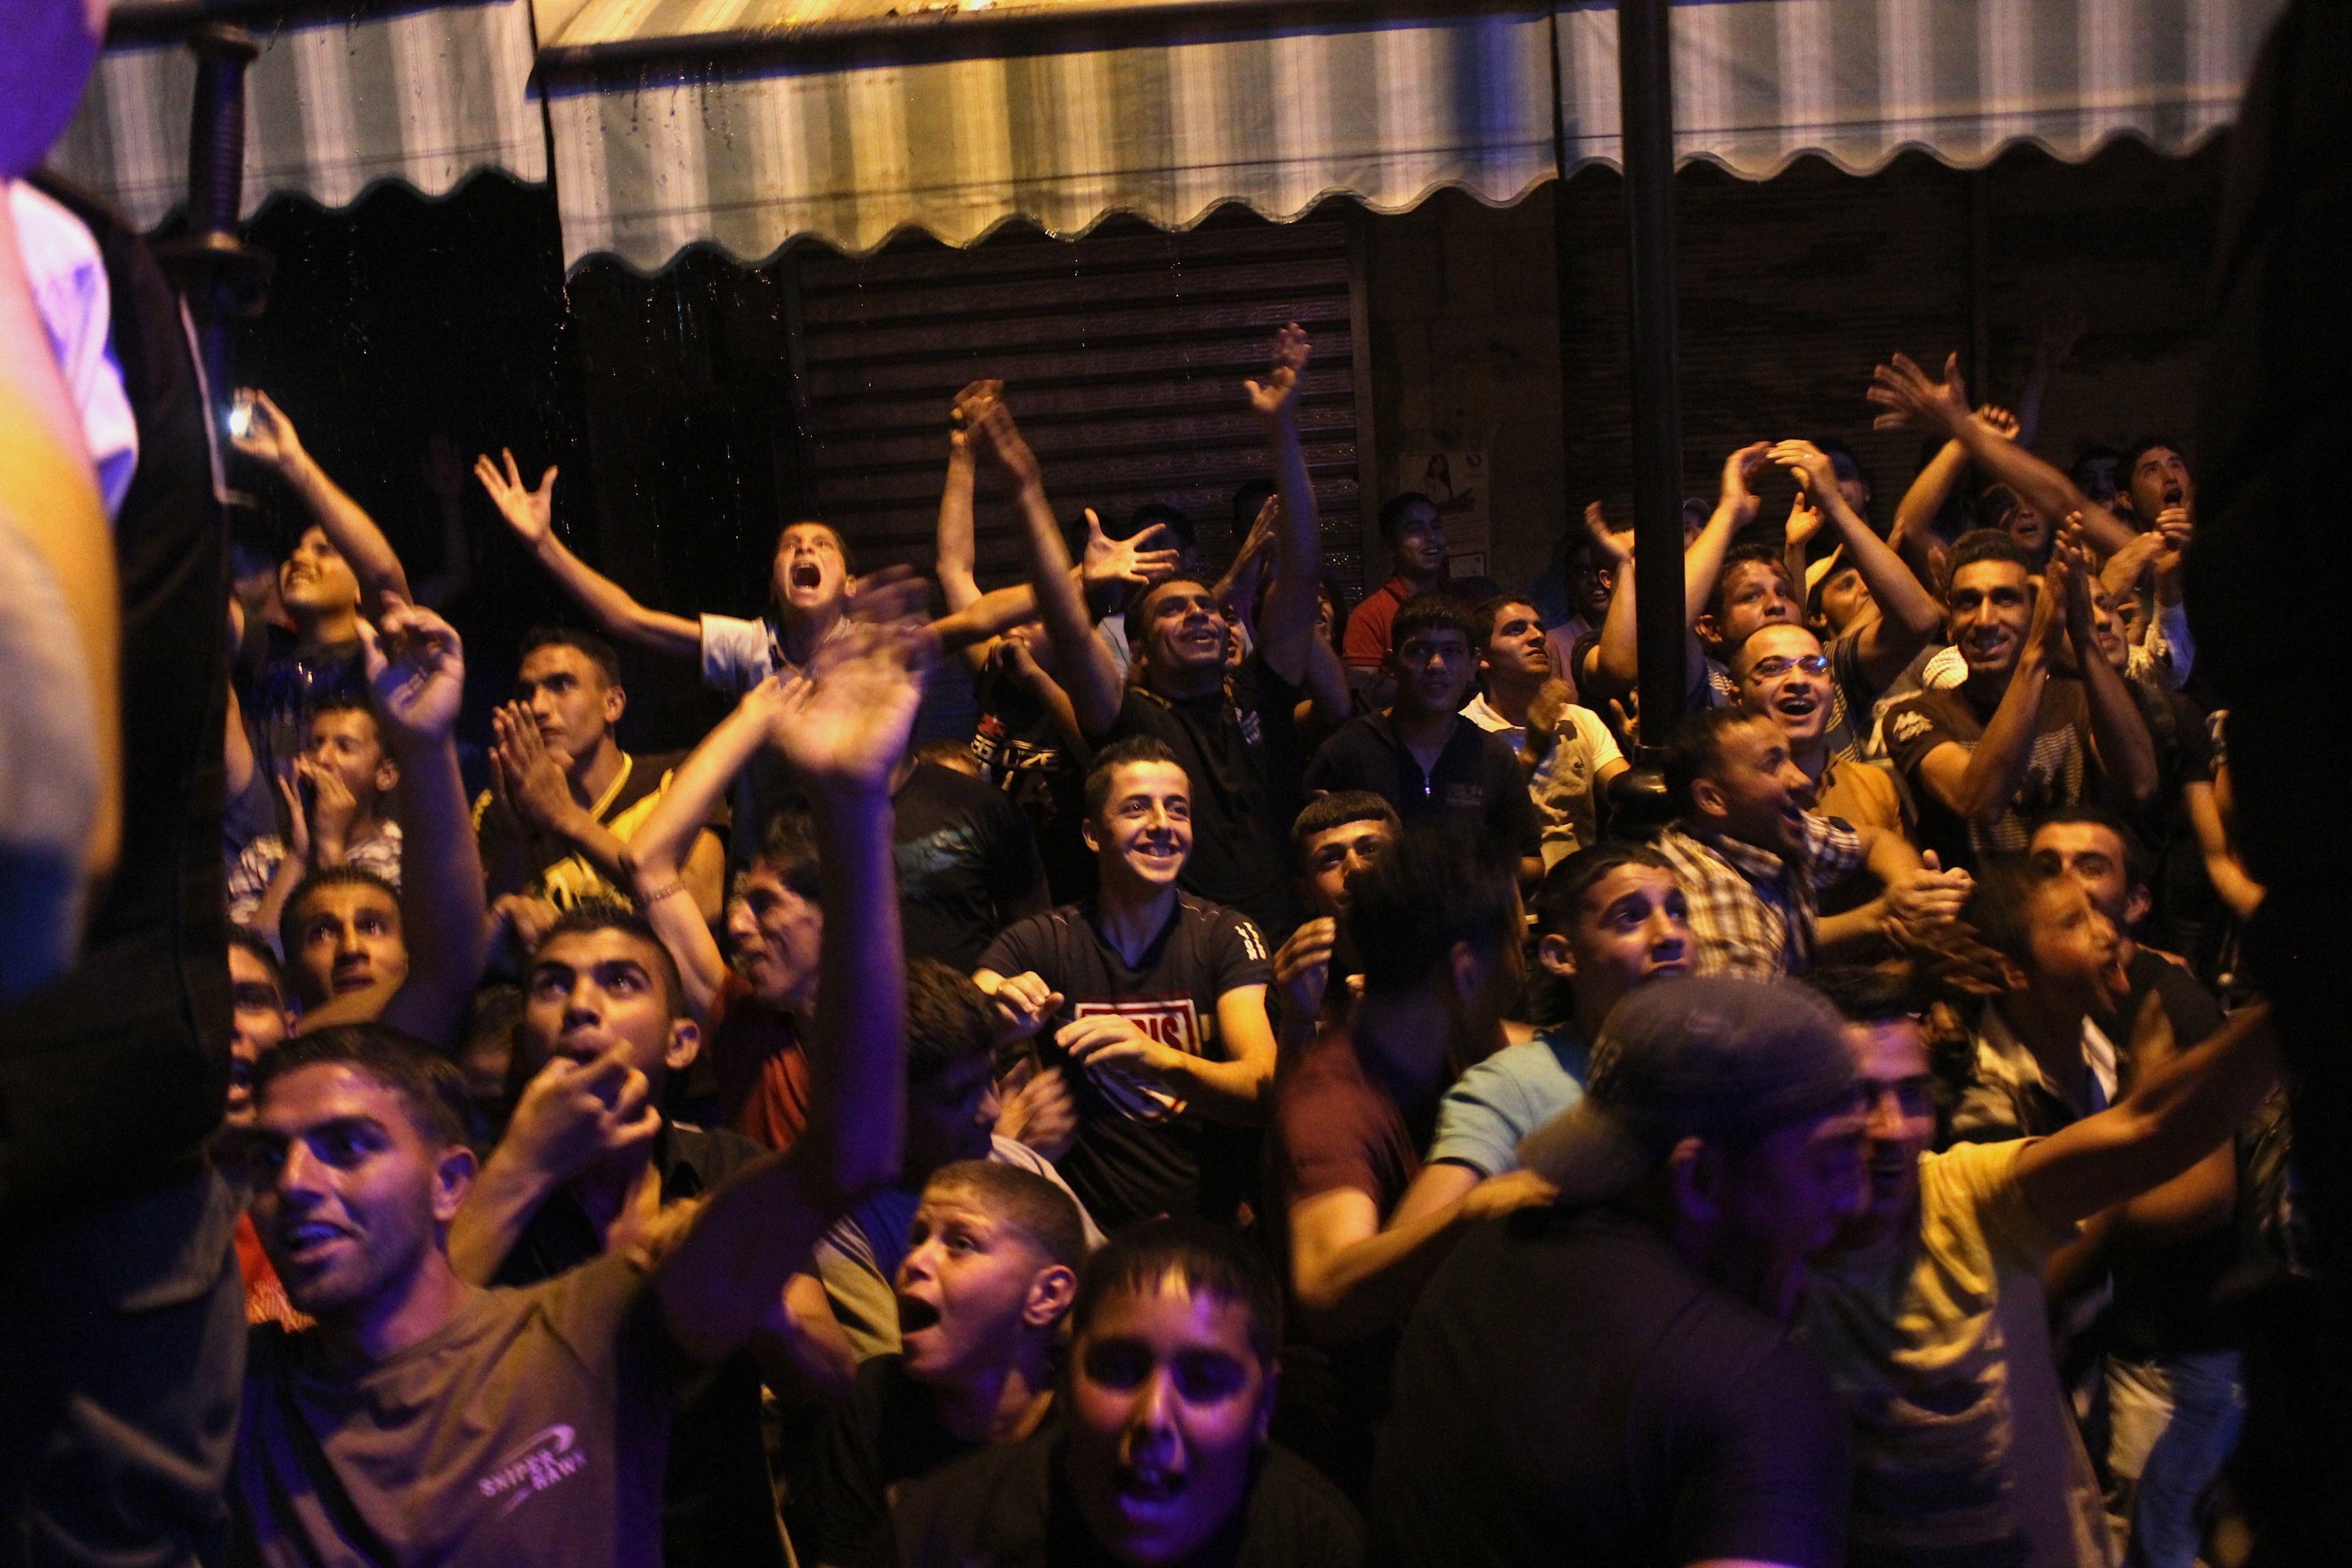 Explosion de joie à l'annonce de la victoire de Mohammed Assaf www.merblanche.com all rights reserved